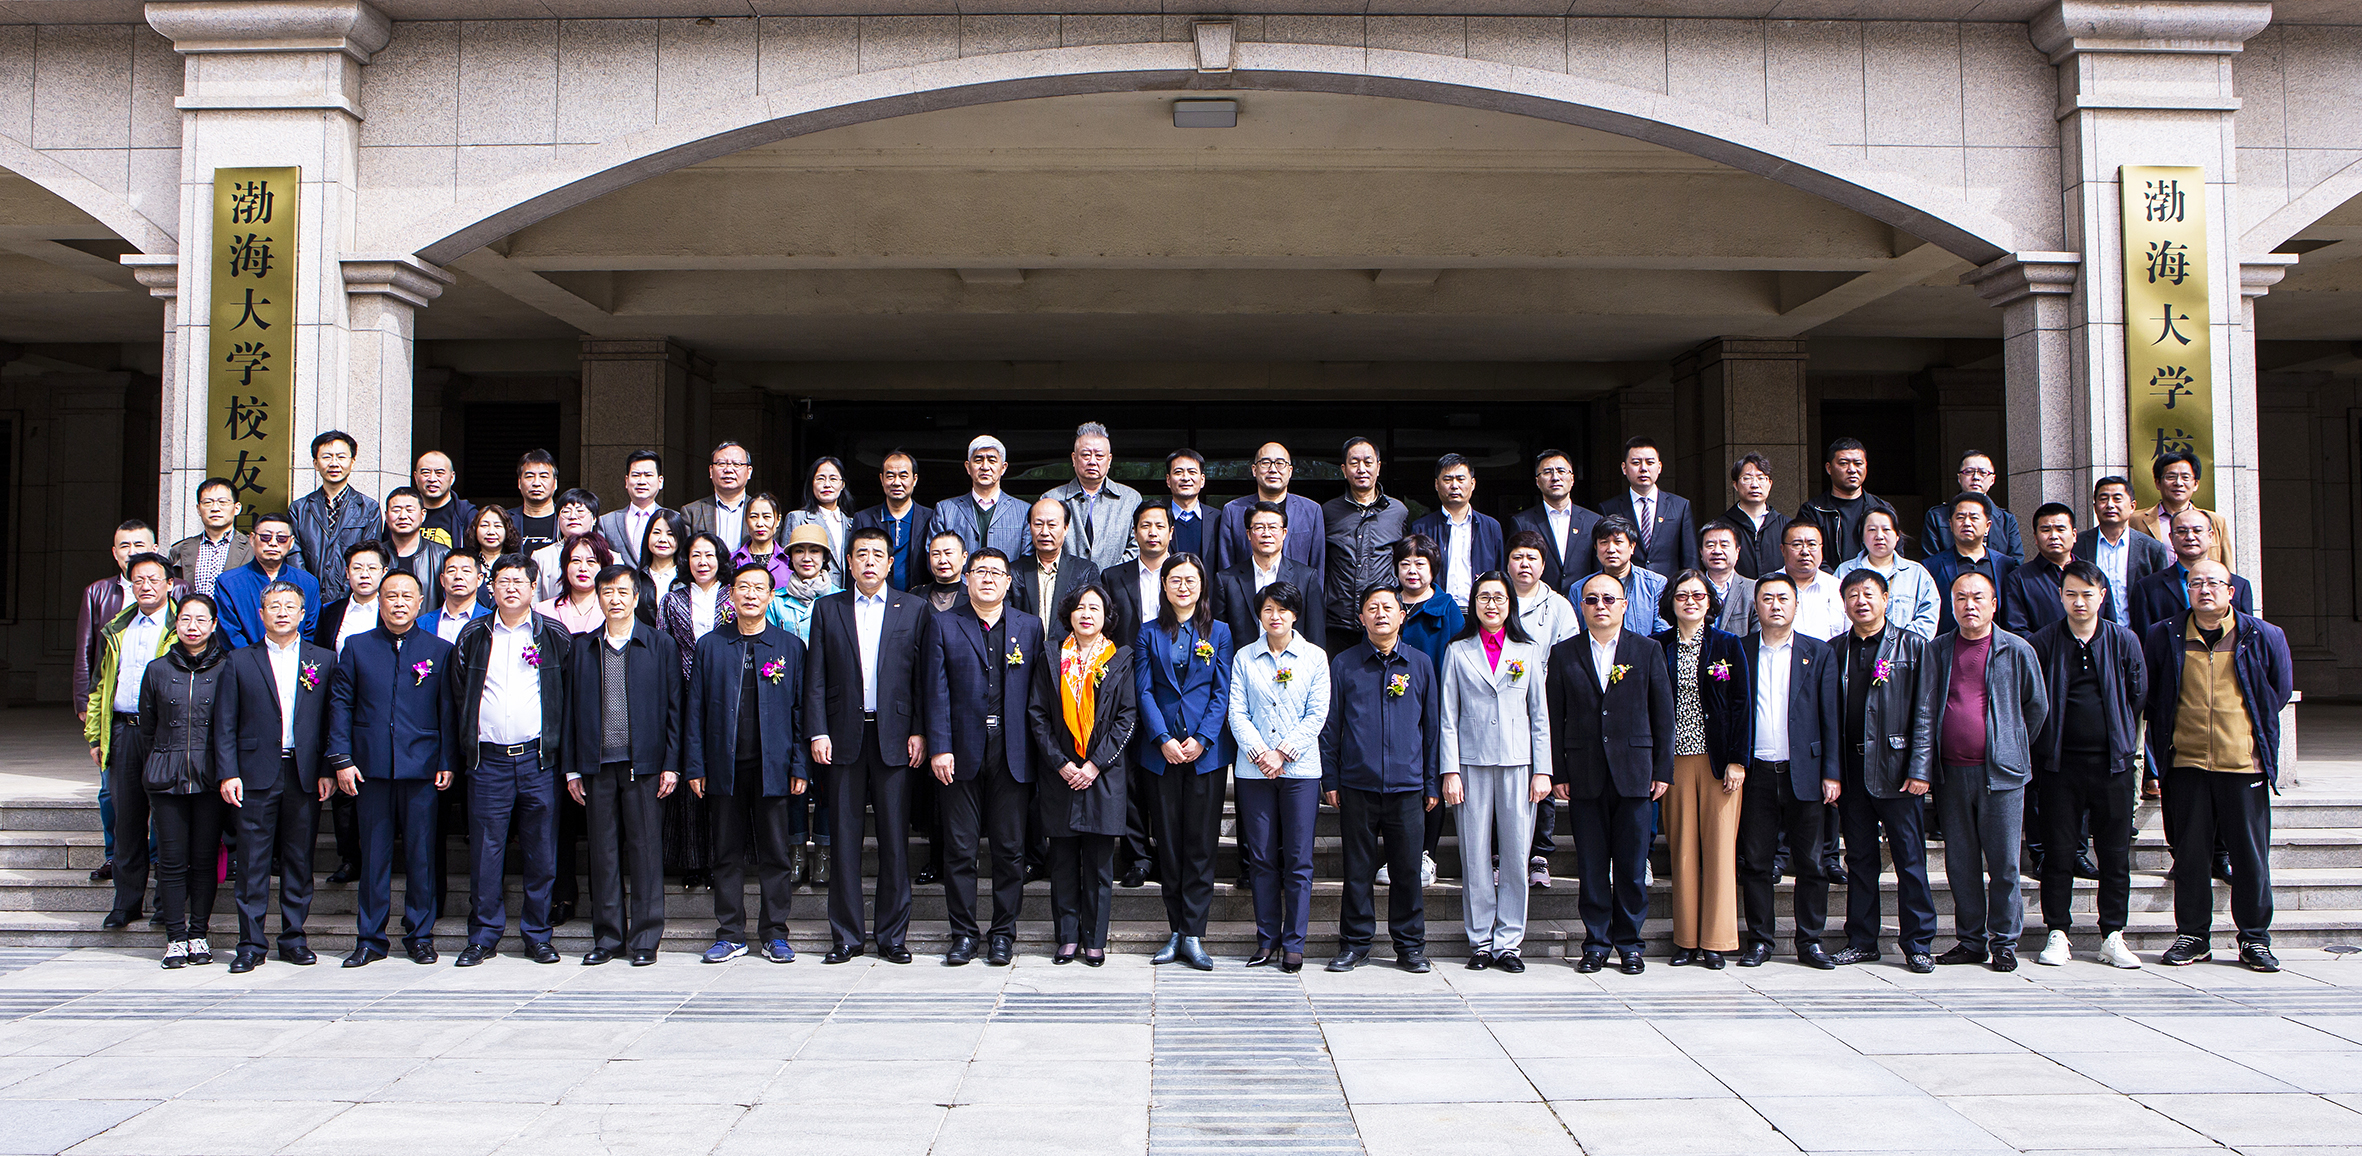 錦州市金屬新材料行業協會暨錦州市金屬材料產業創新聯盟成立大會圓滿結束